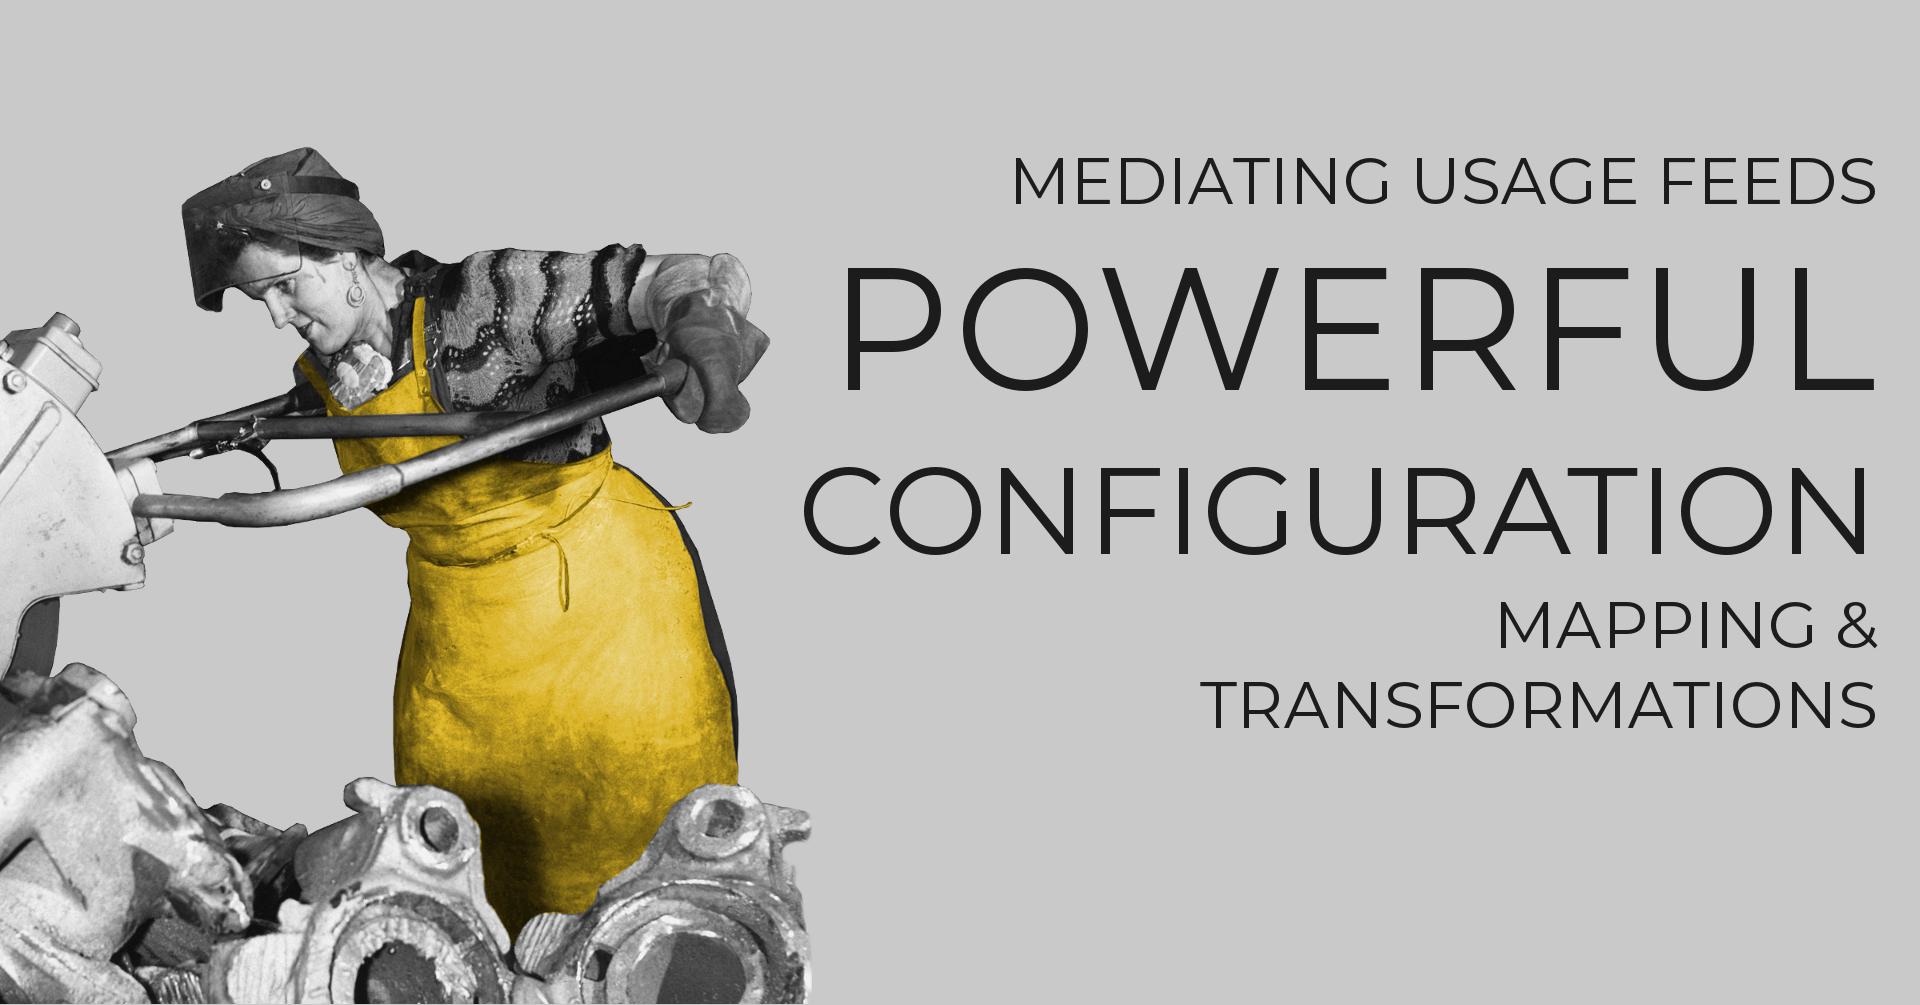 Powerful Mediation